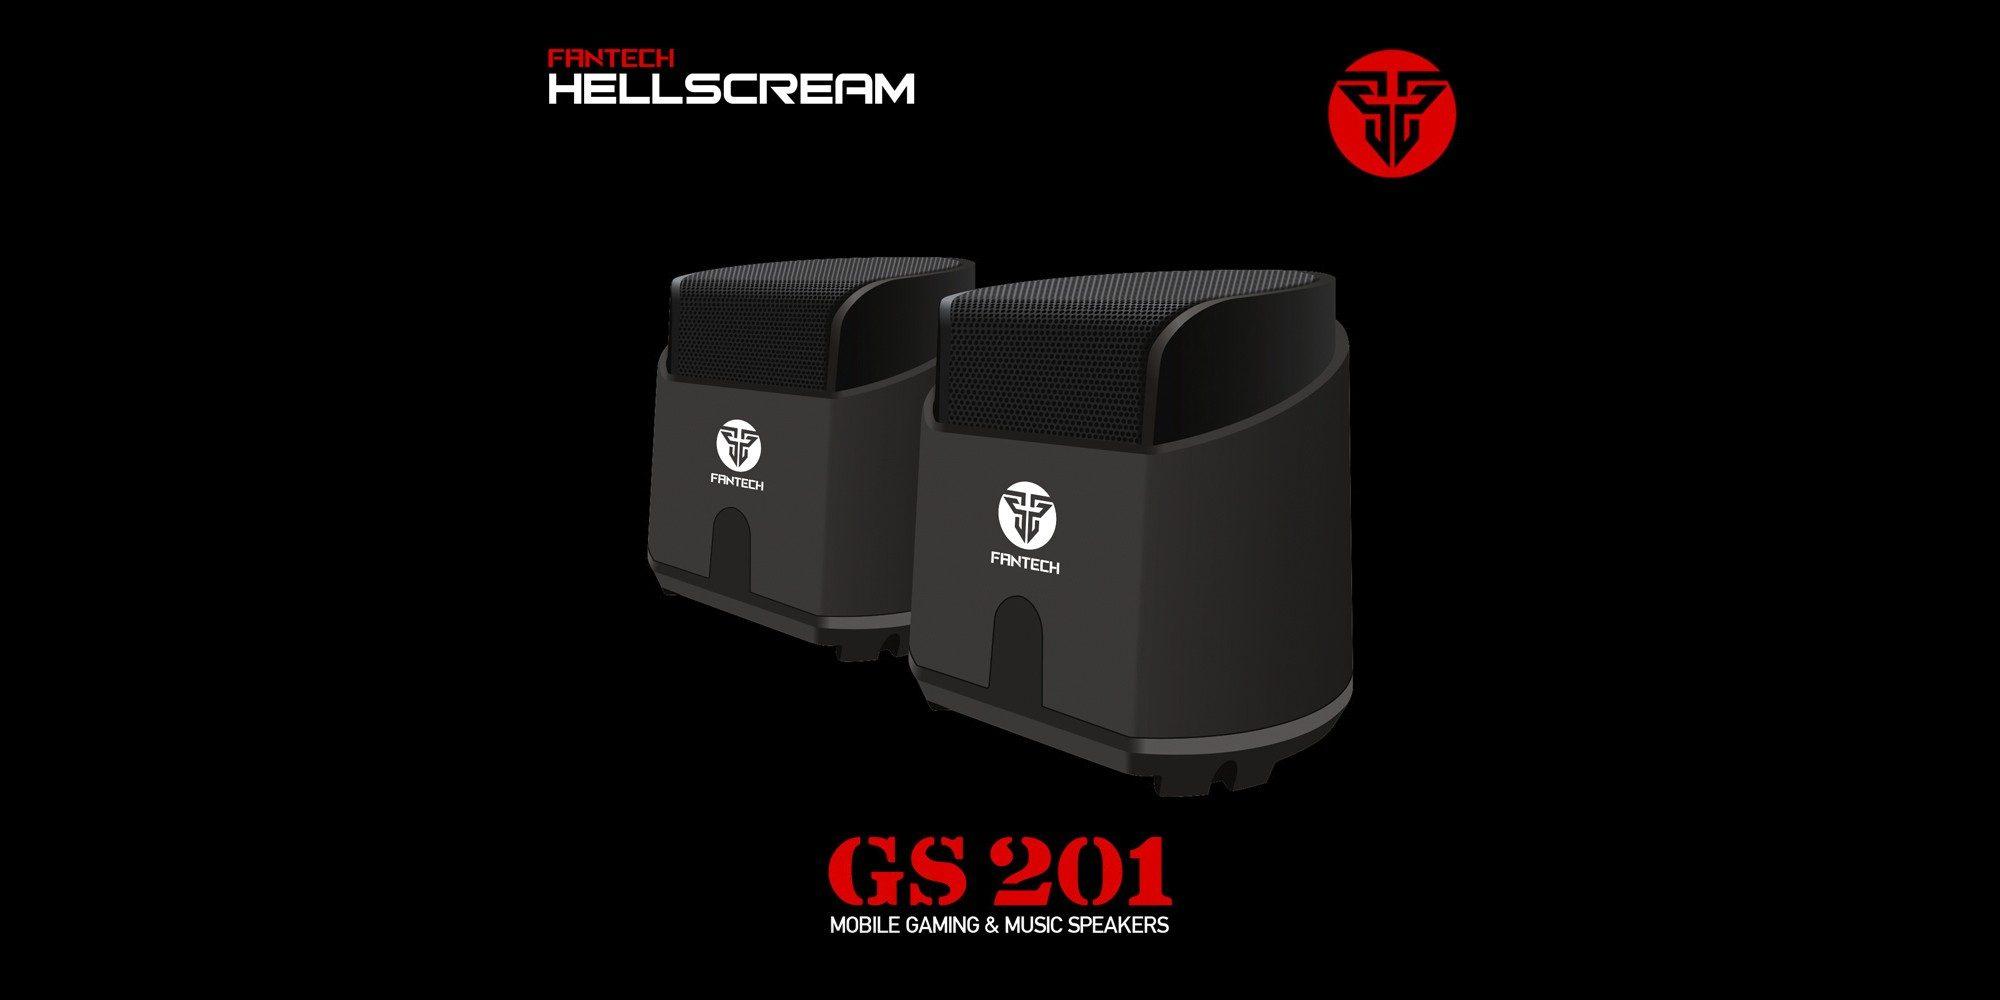 Акустическая система Fantech Hellscream GS201